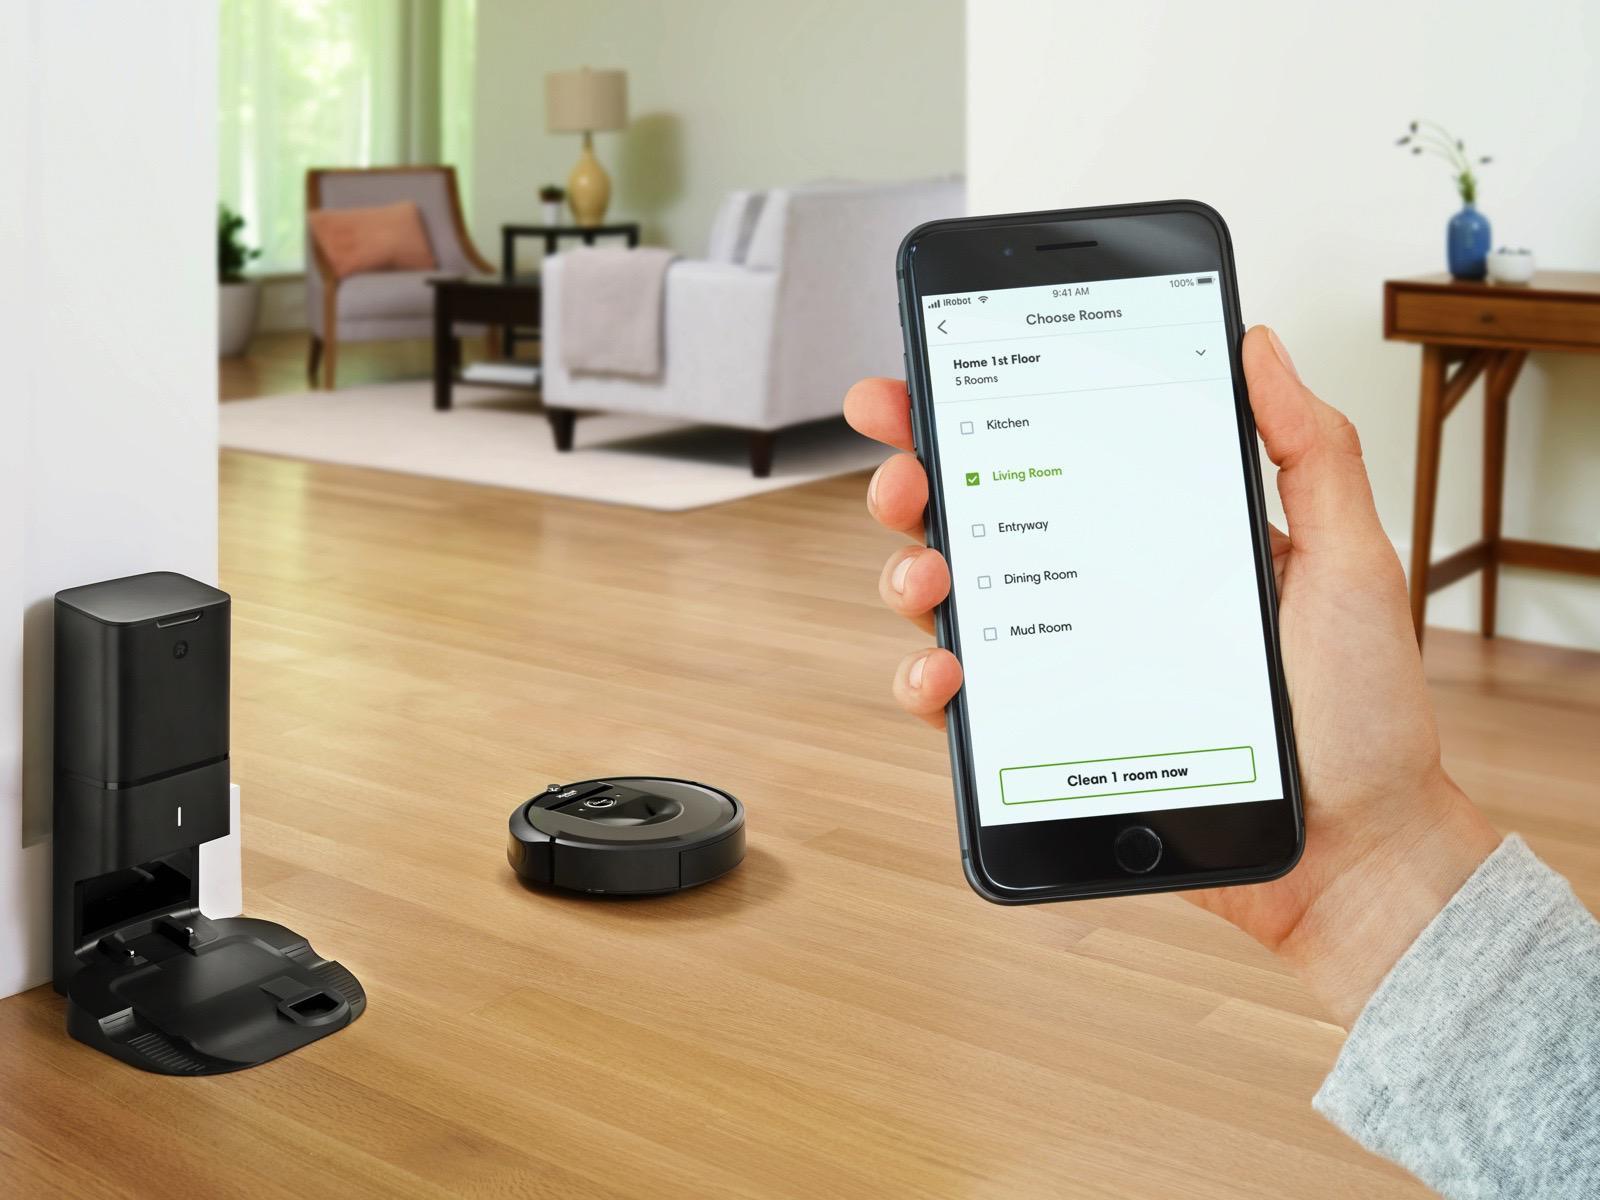 iRobot推出新款扫地机器人 竟拥有自动清理尘盒的功能